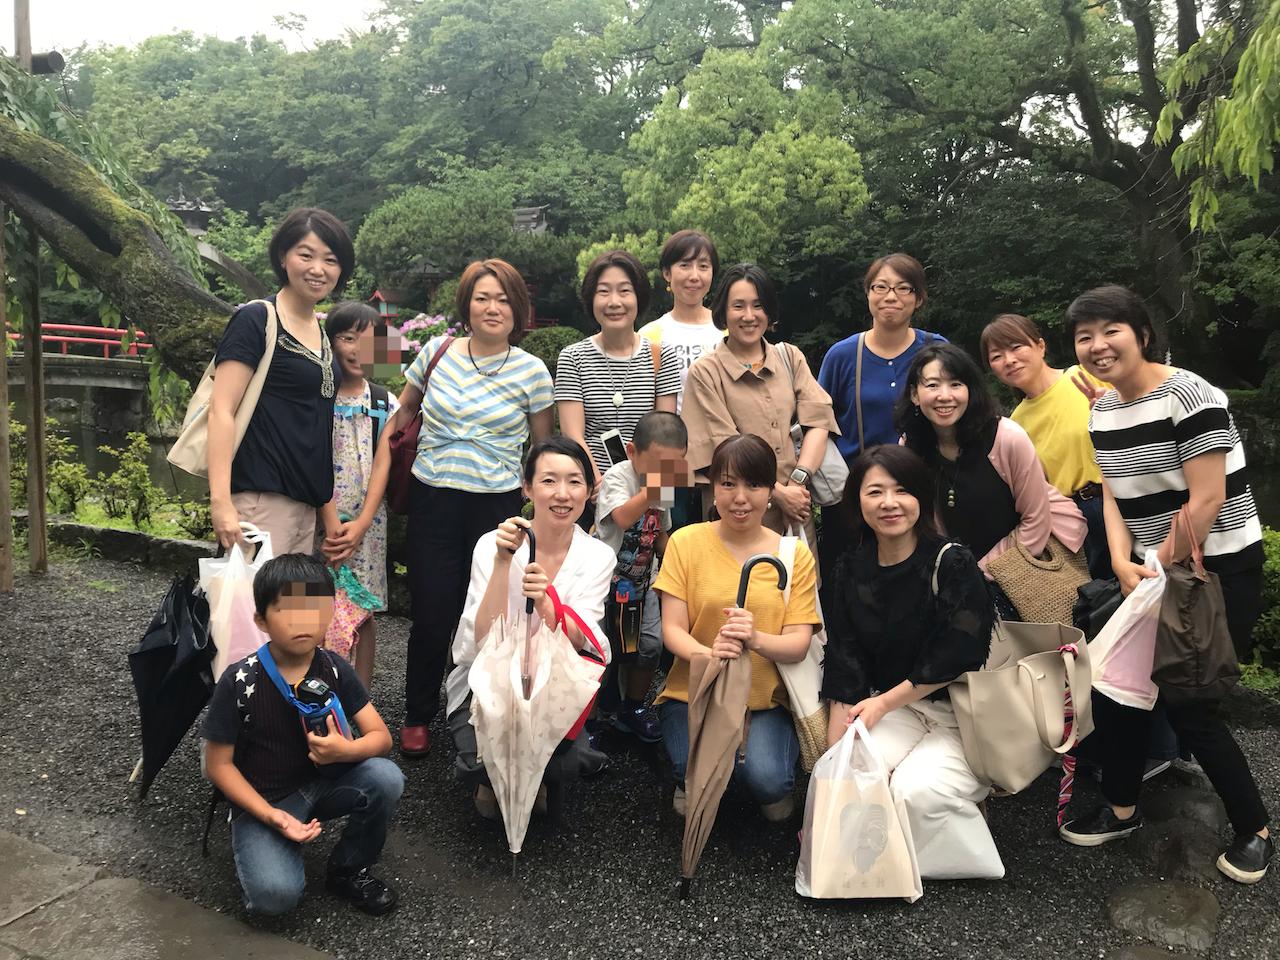 【開催レポ】三島でライフオーガナイザー限定ランチ会開催しました!